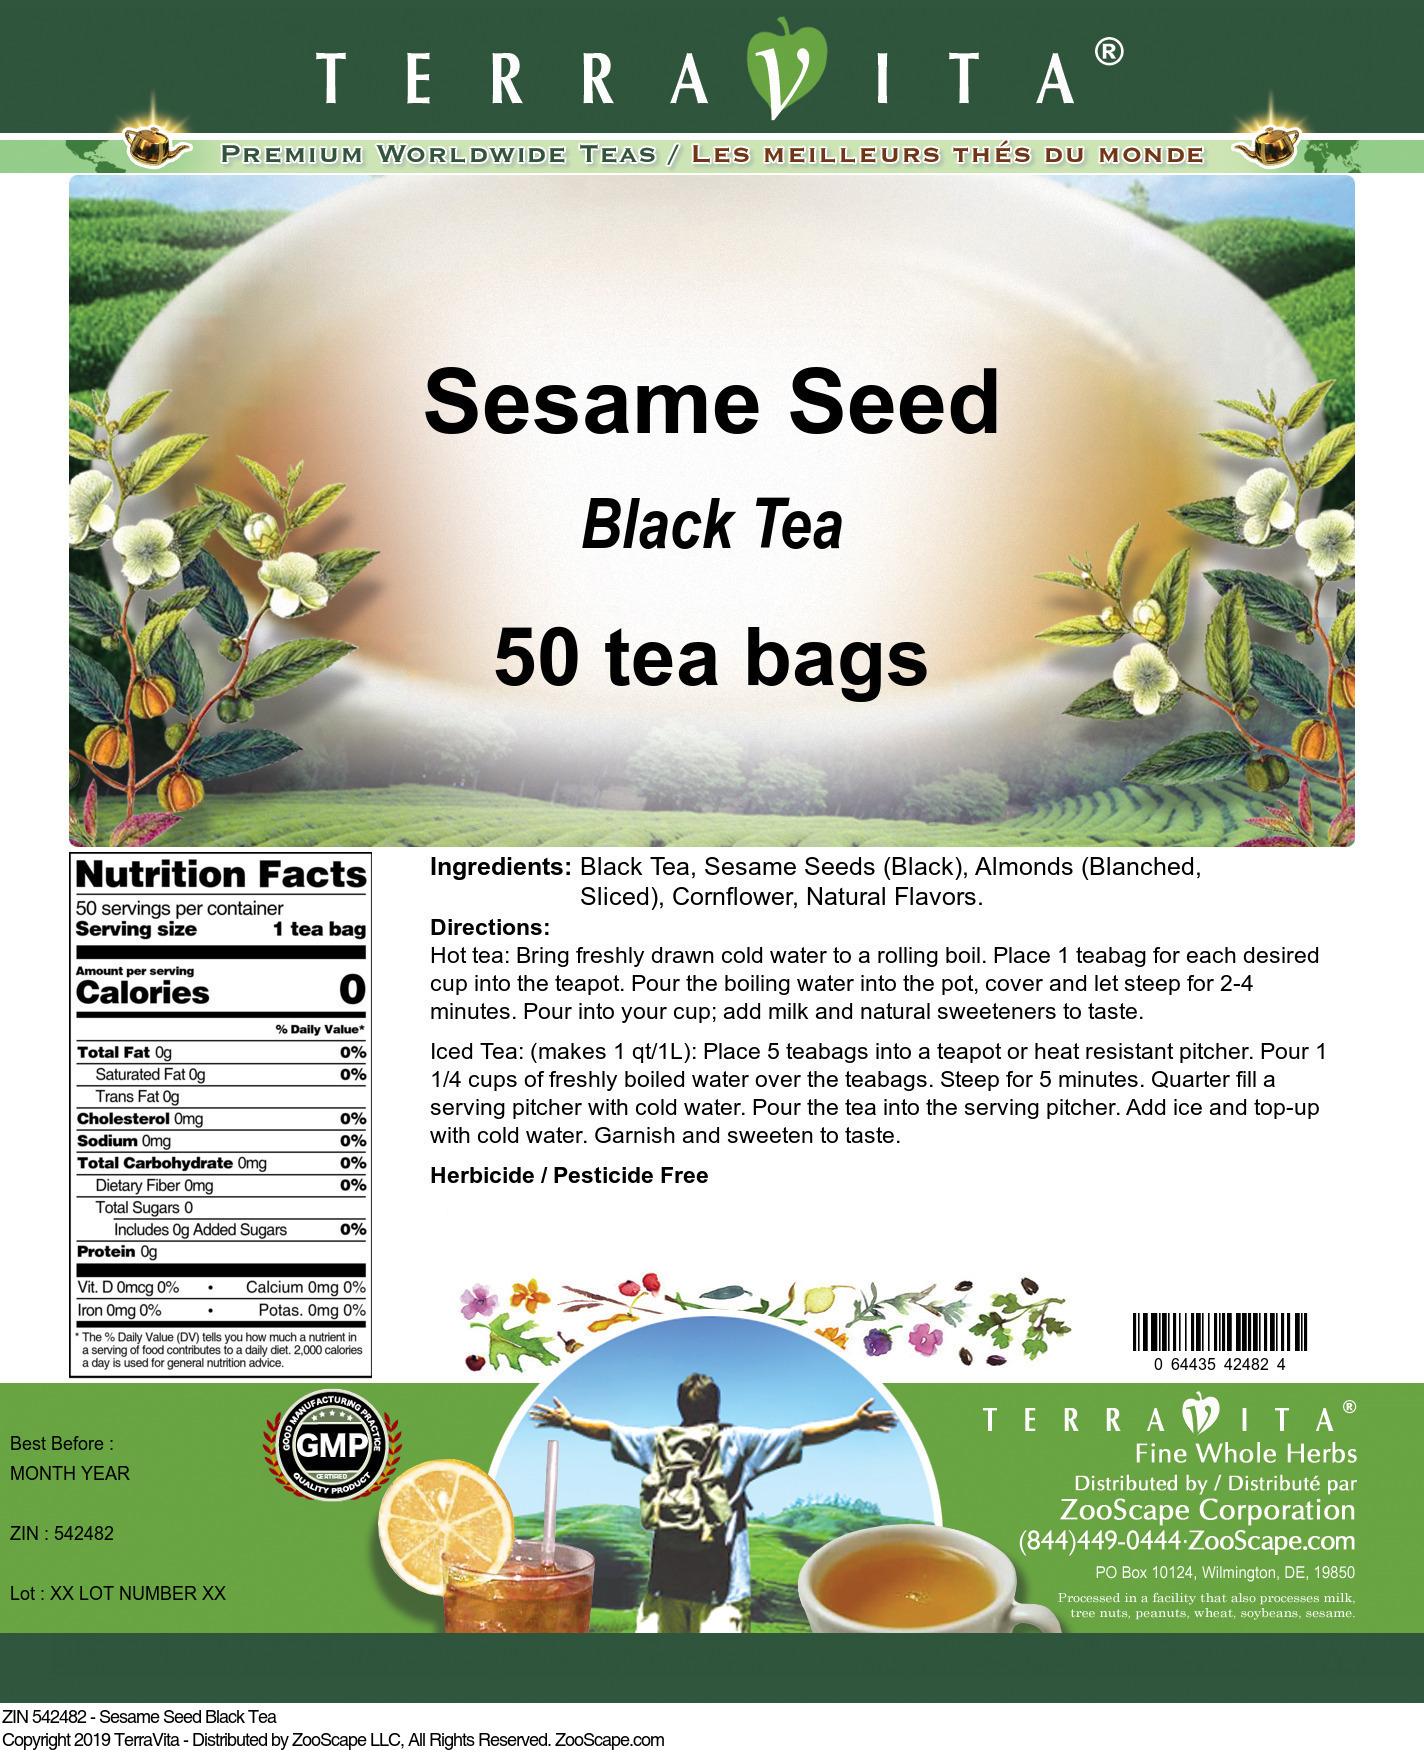 Sesame Seed Black Tea